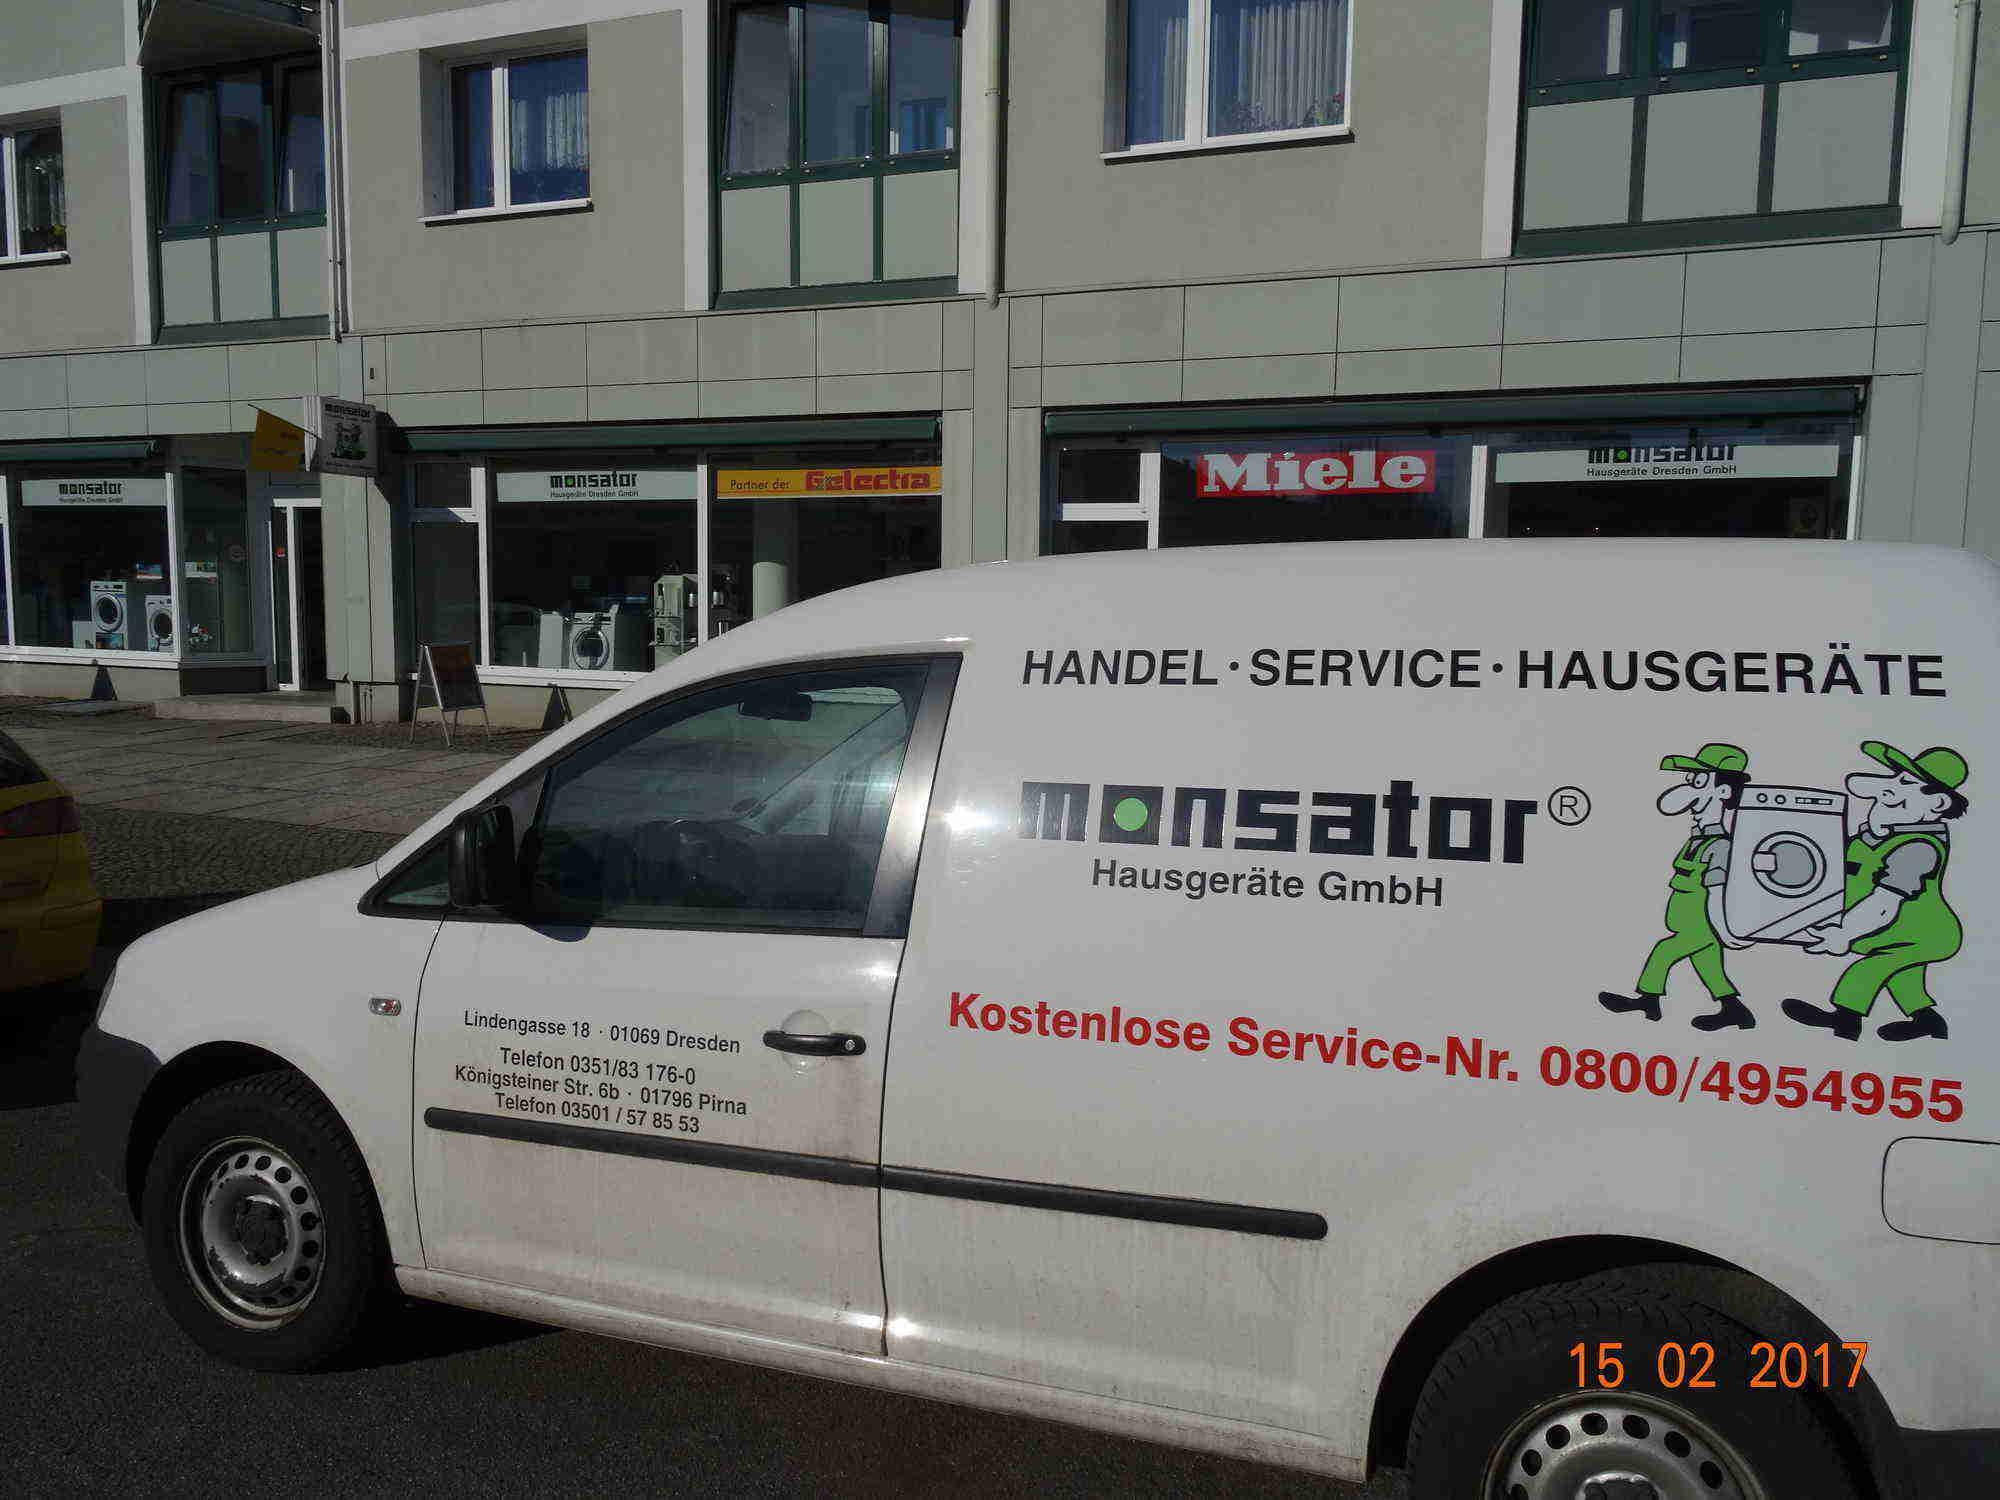 Amica Kühlschrank Nach Transport : Hausgeräte kundendienst dresden monsator hausgeräte dresden